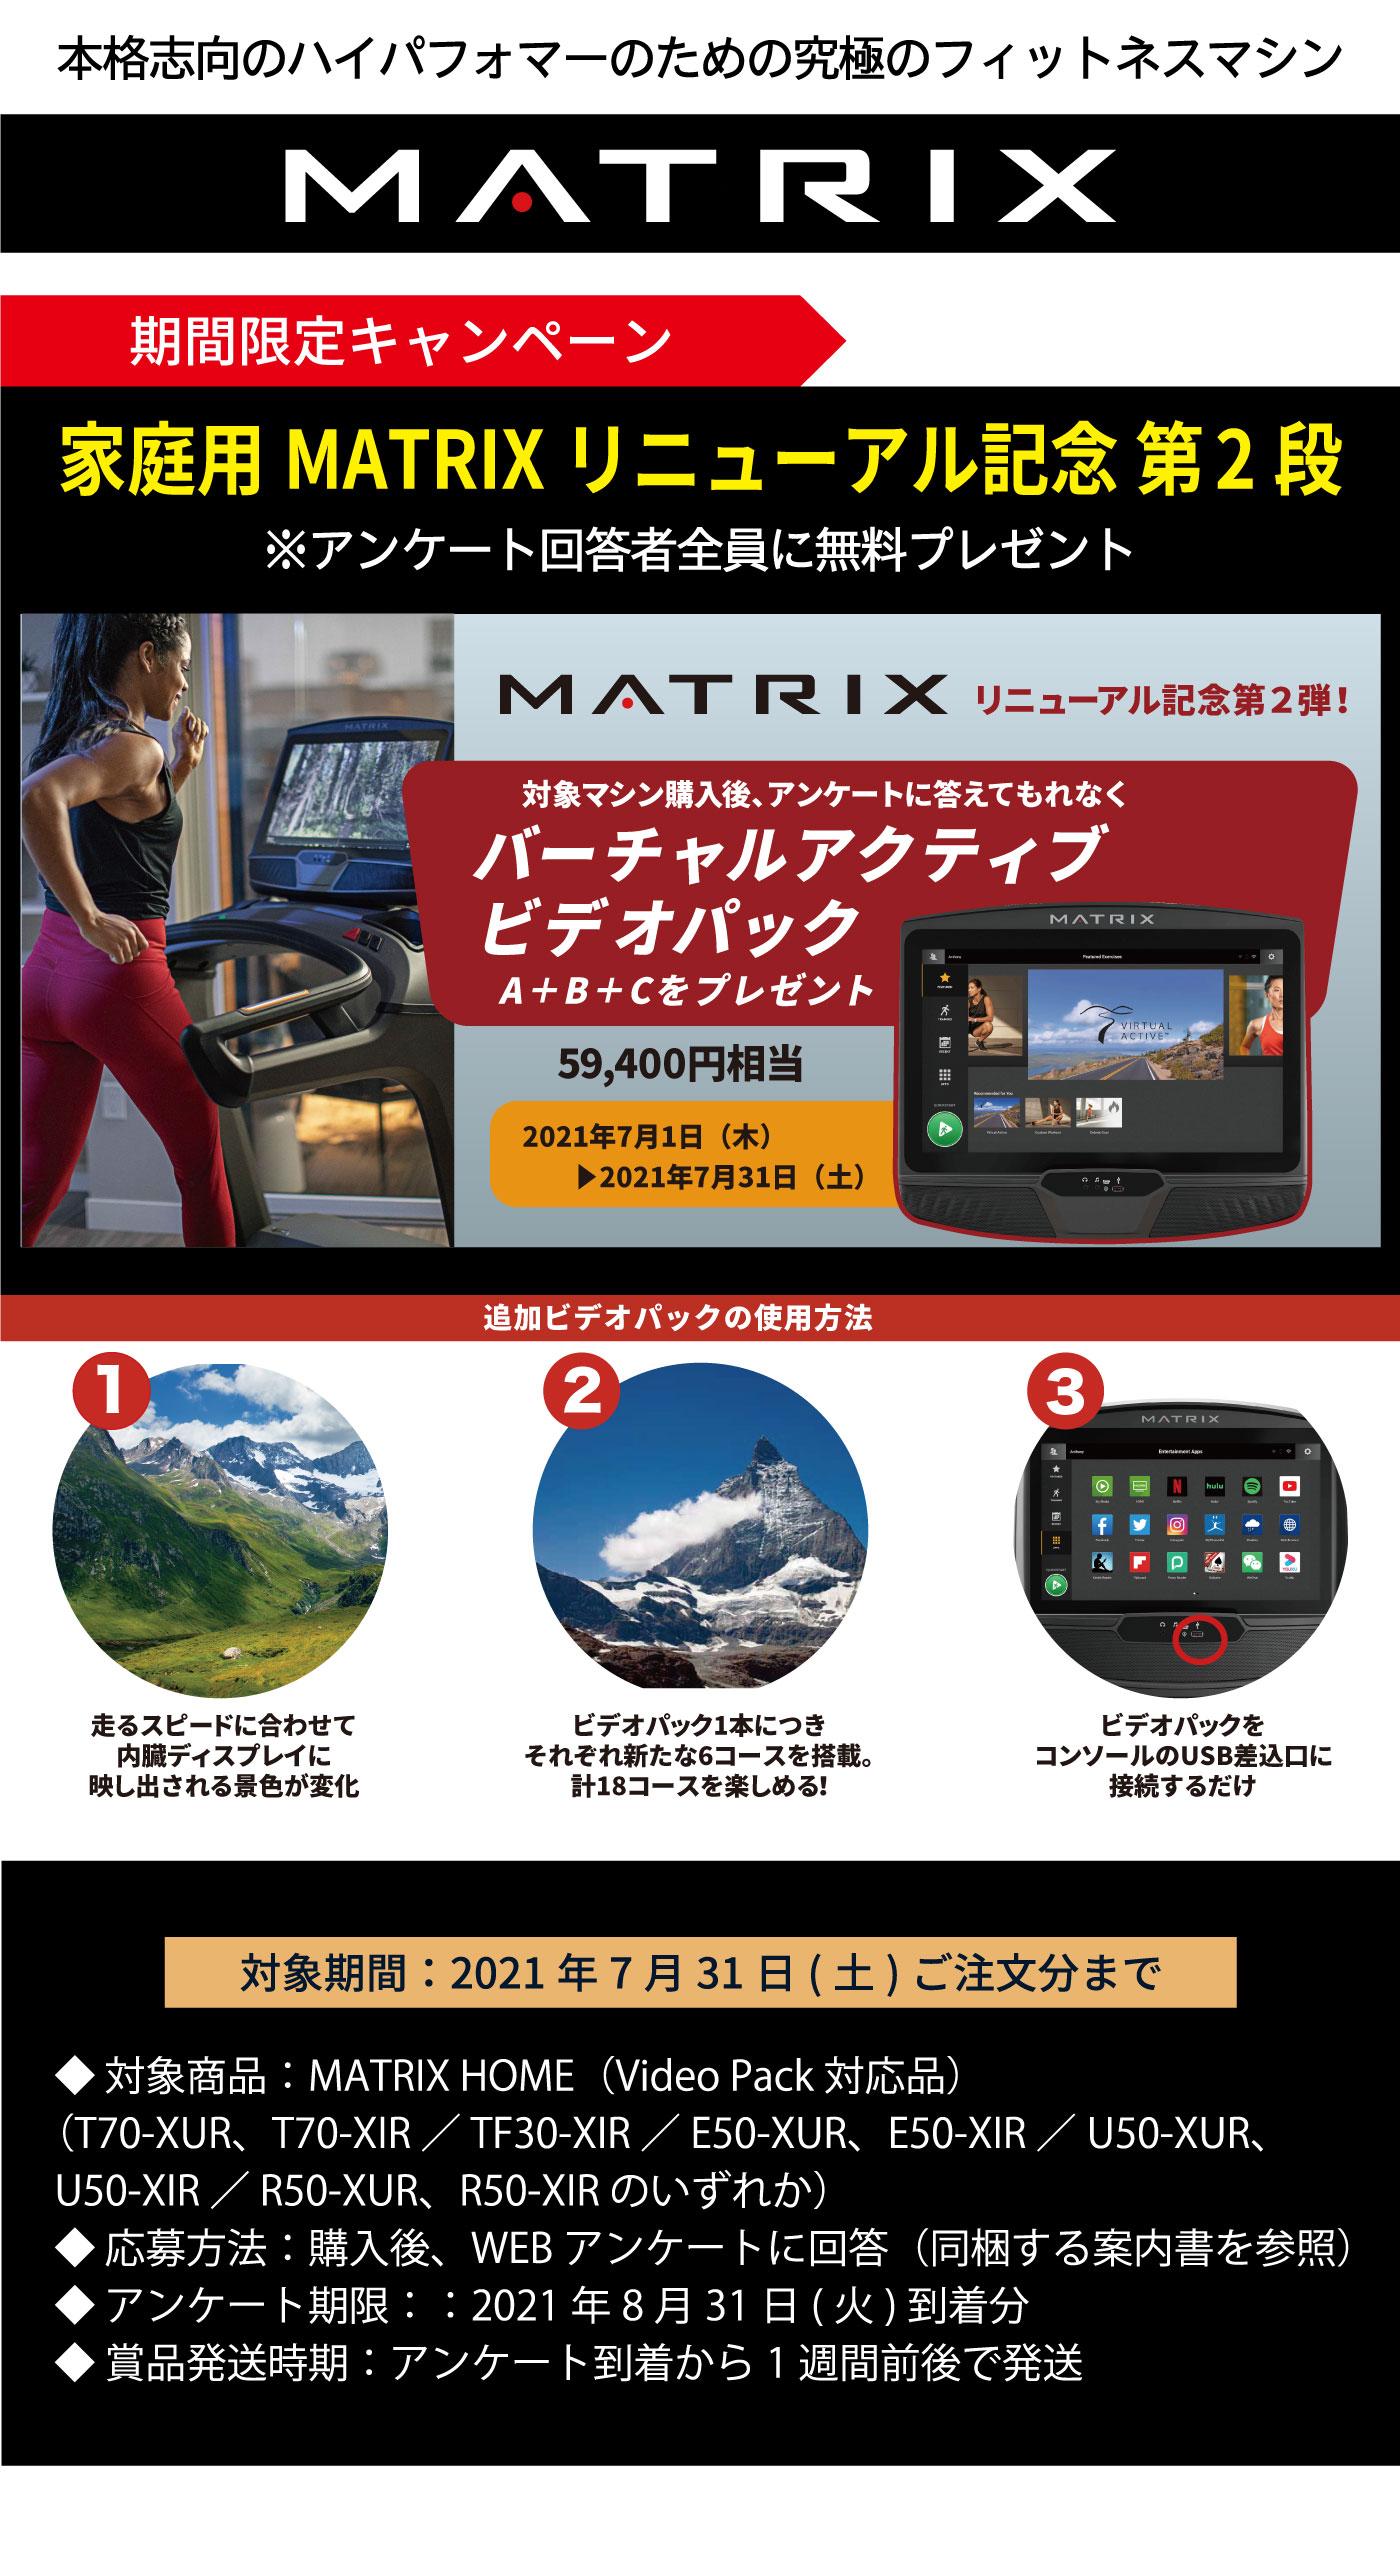 家庭用MATRIXのキャンペーン第2弾